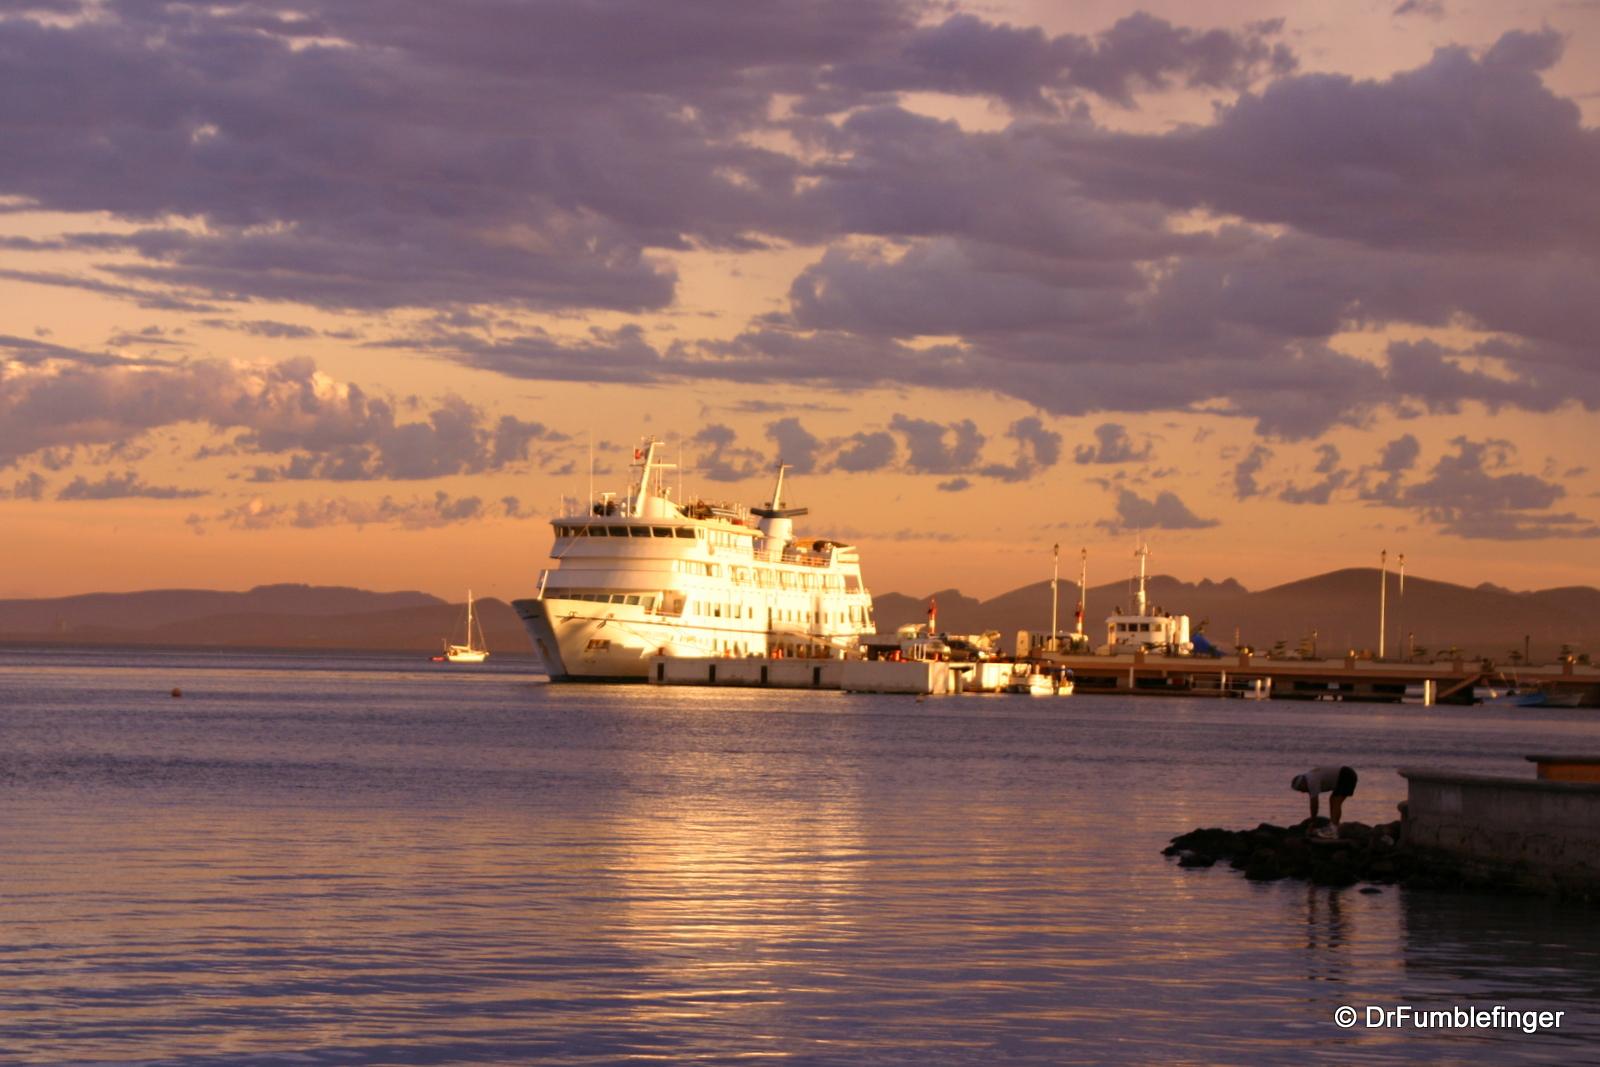 Ferry, La Paz harbor